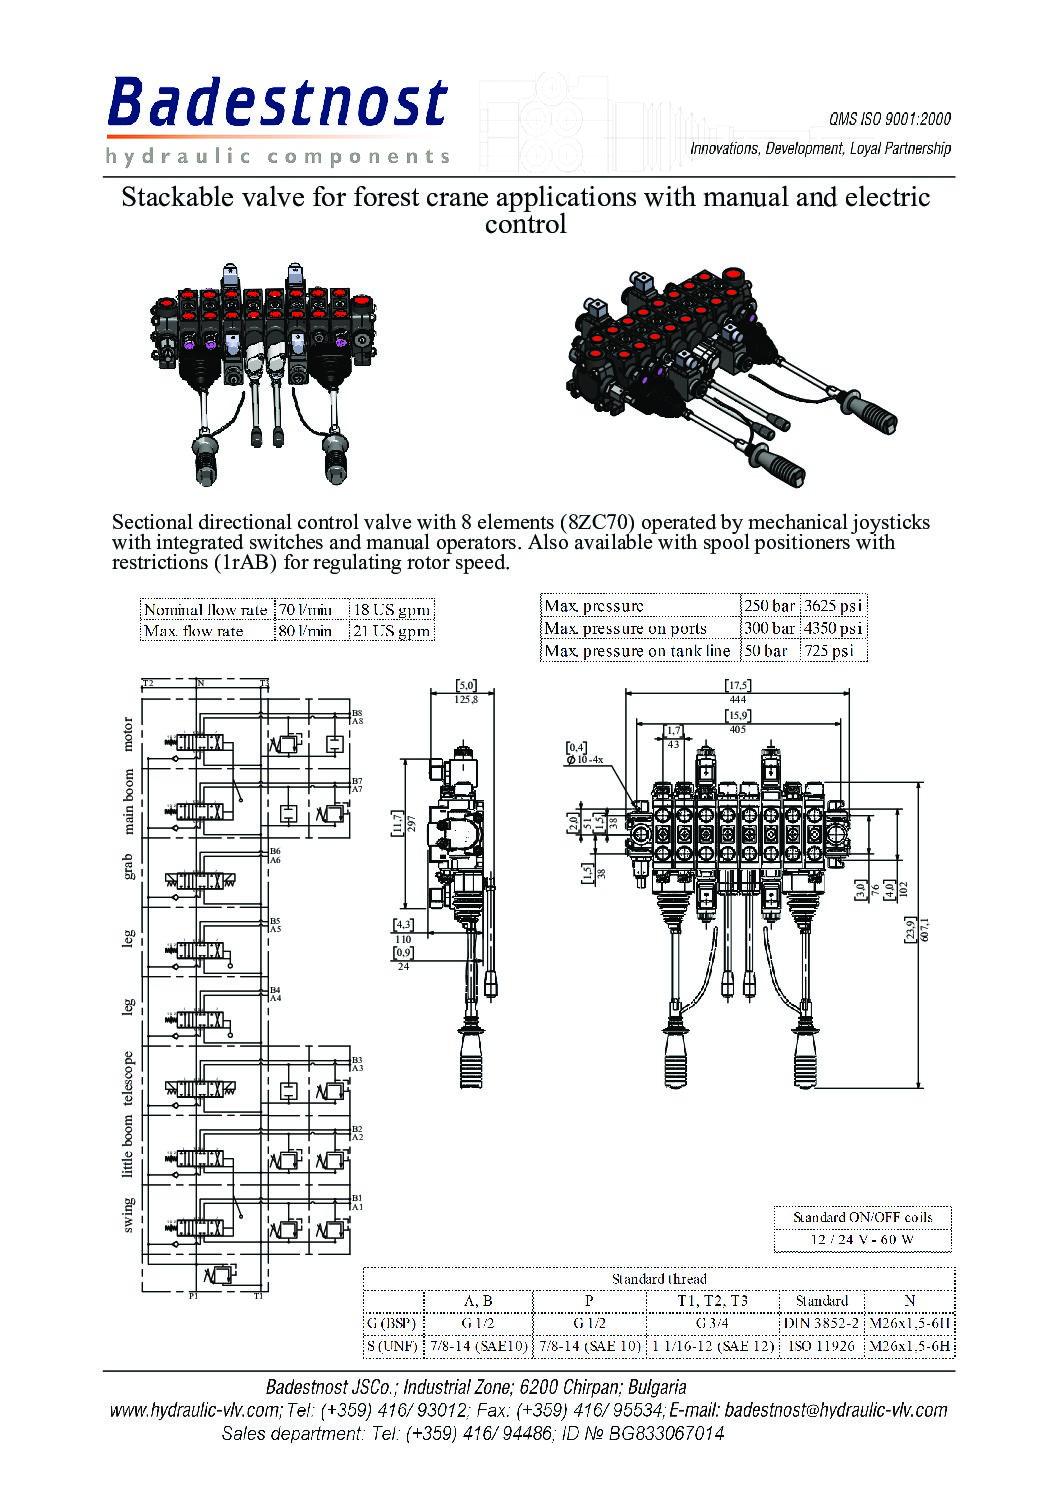 67 file pdf